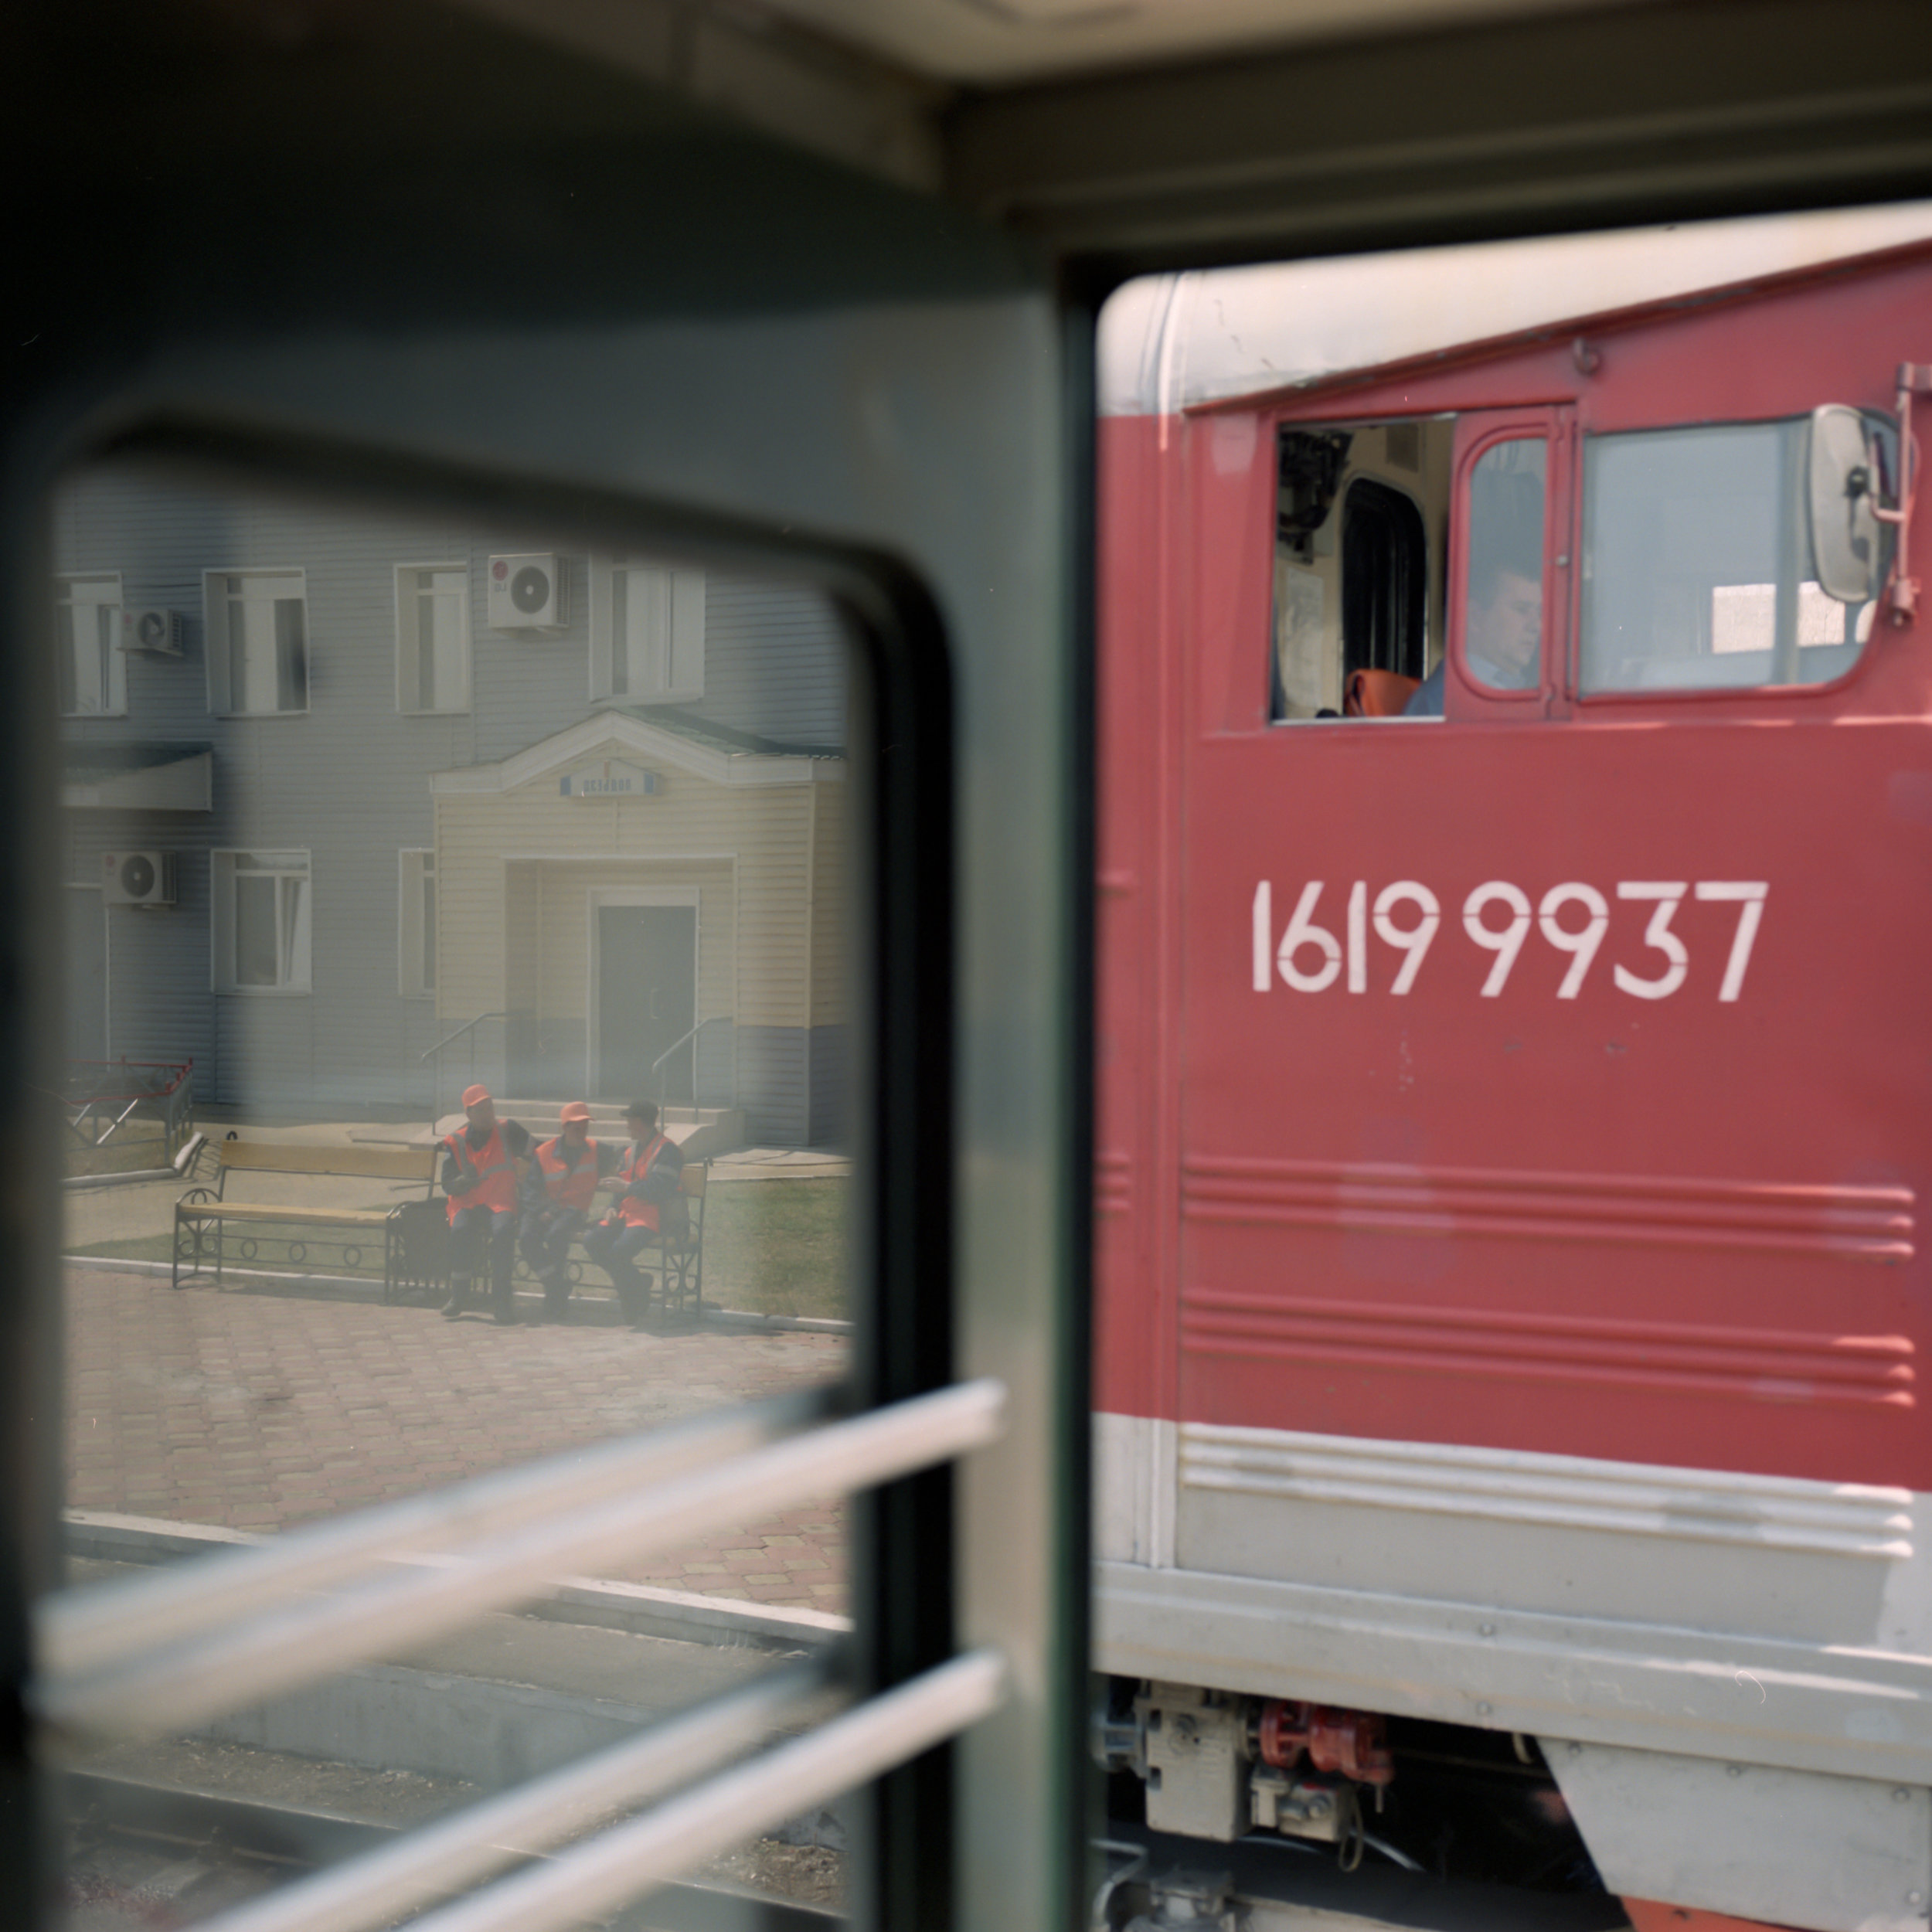 59 gf670agfa169.jpg